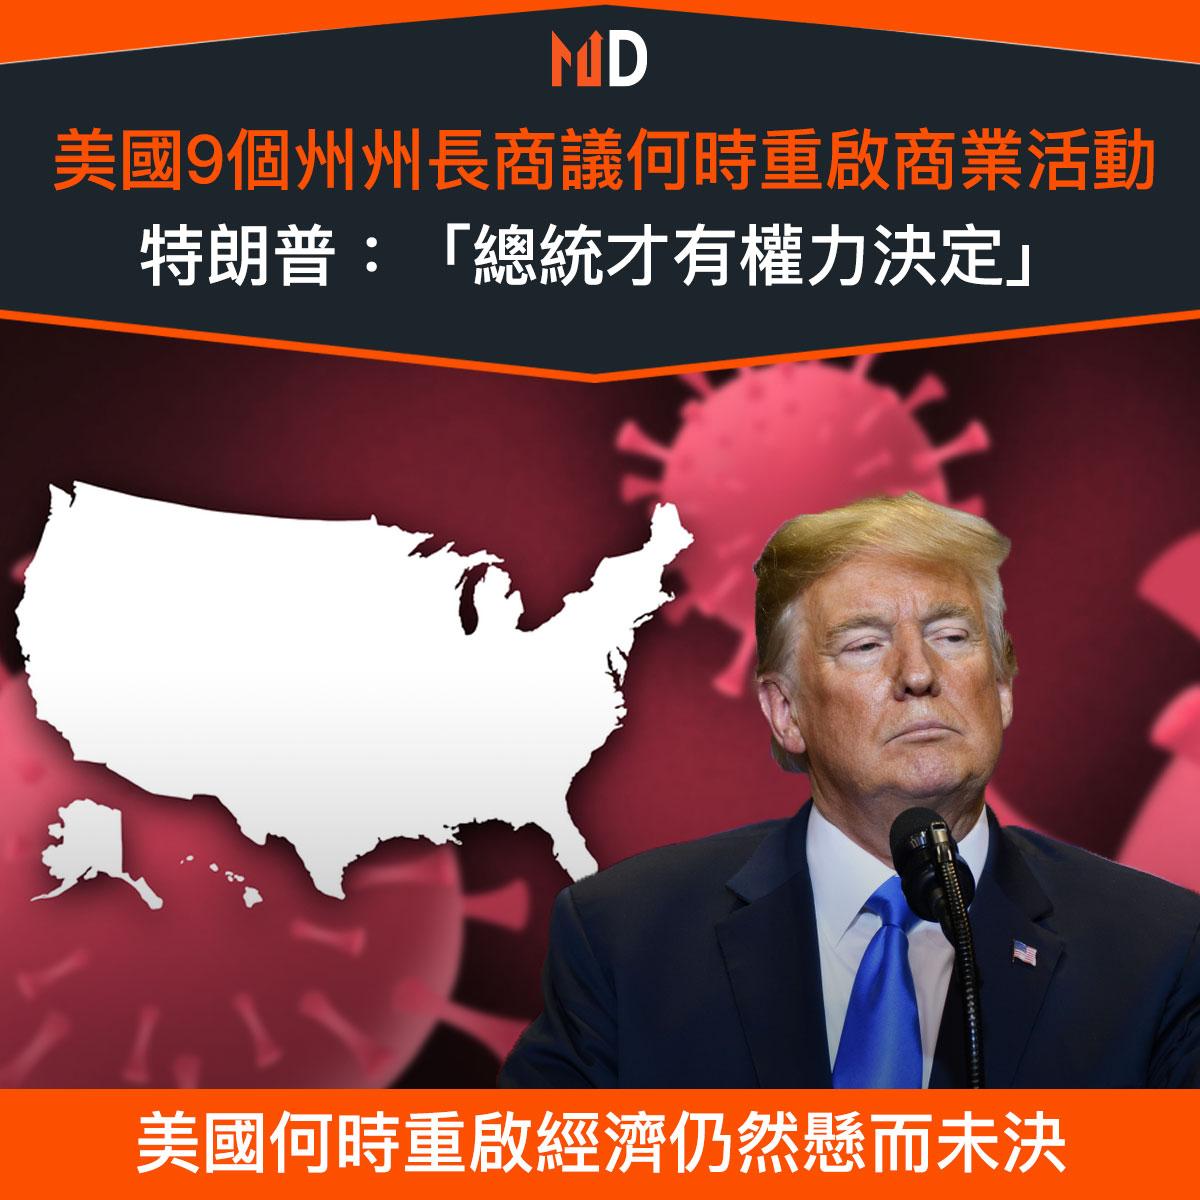 【市場熱話】美國9個州州長商議何時重啟商業活動,特朗普:「總統才有權力決定」